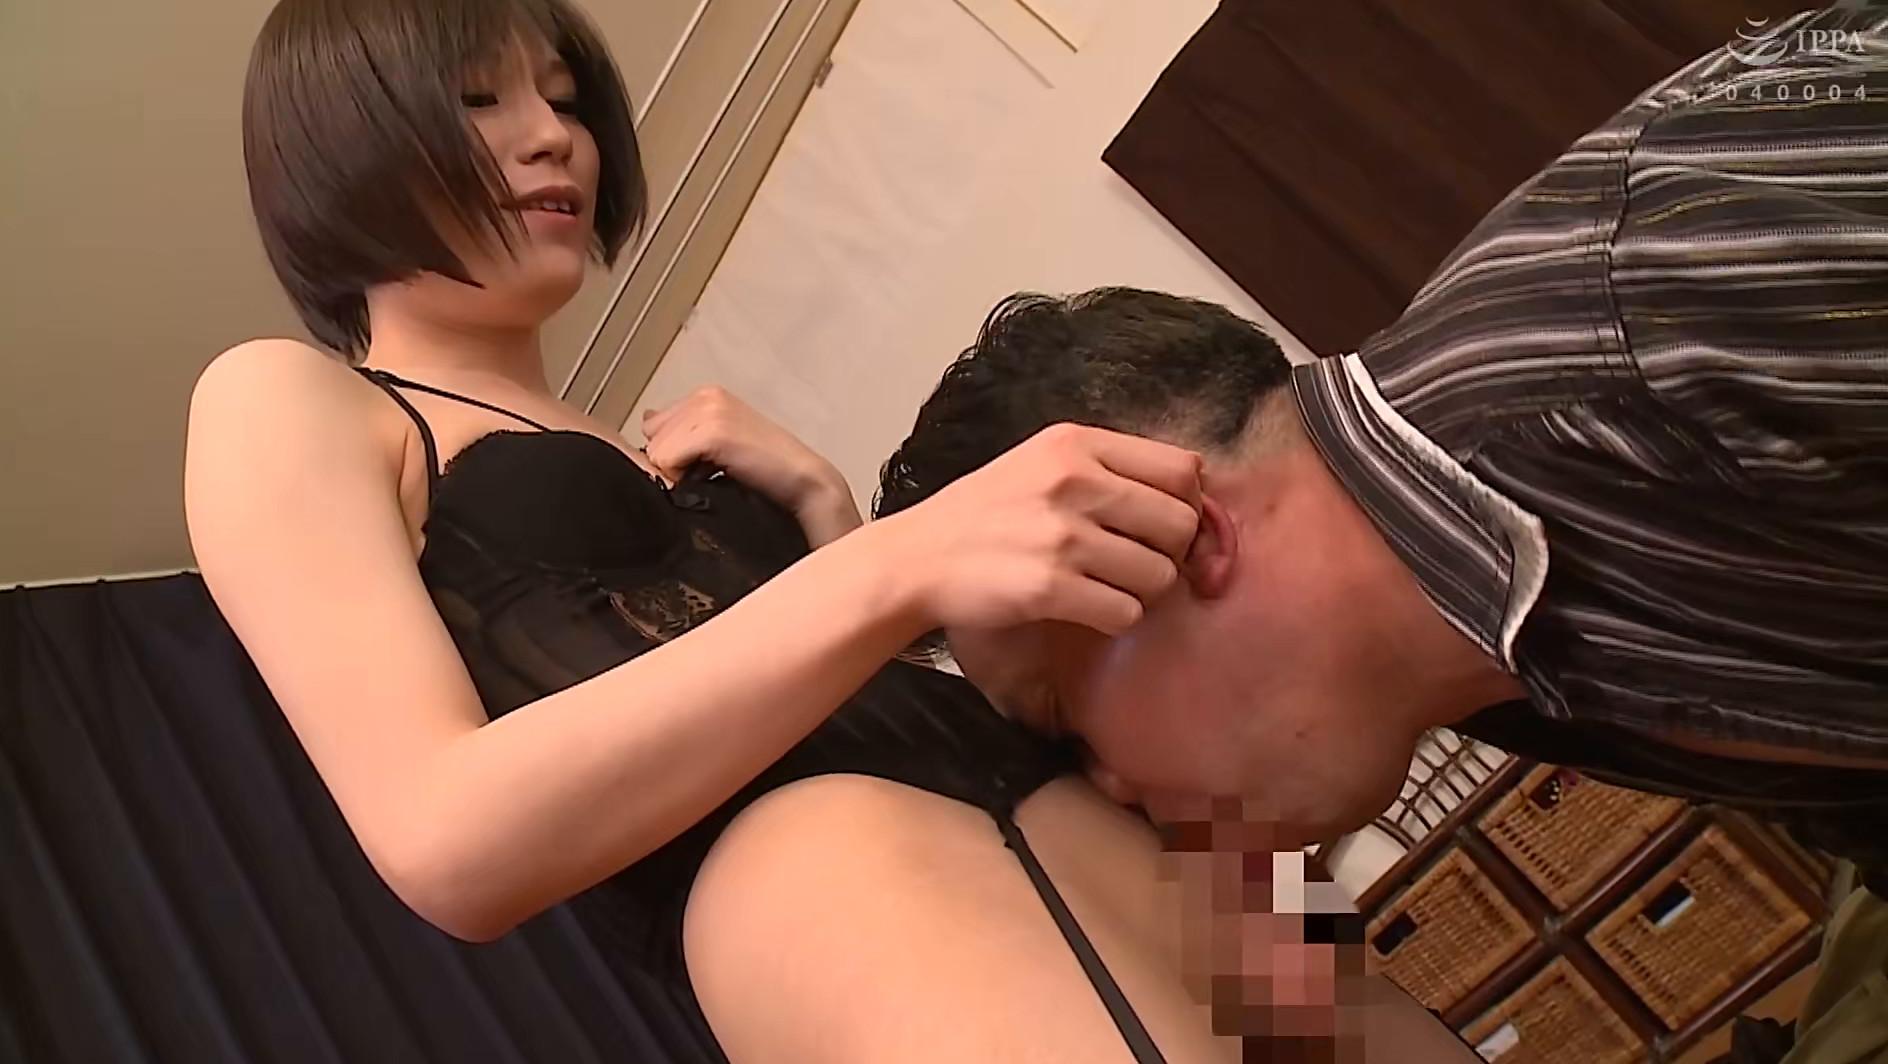 レイ【小悪魔オトコノ娘によるおじさん虐め】 画像13